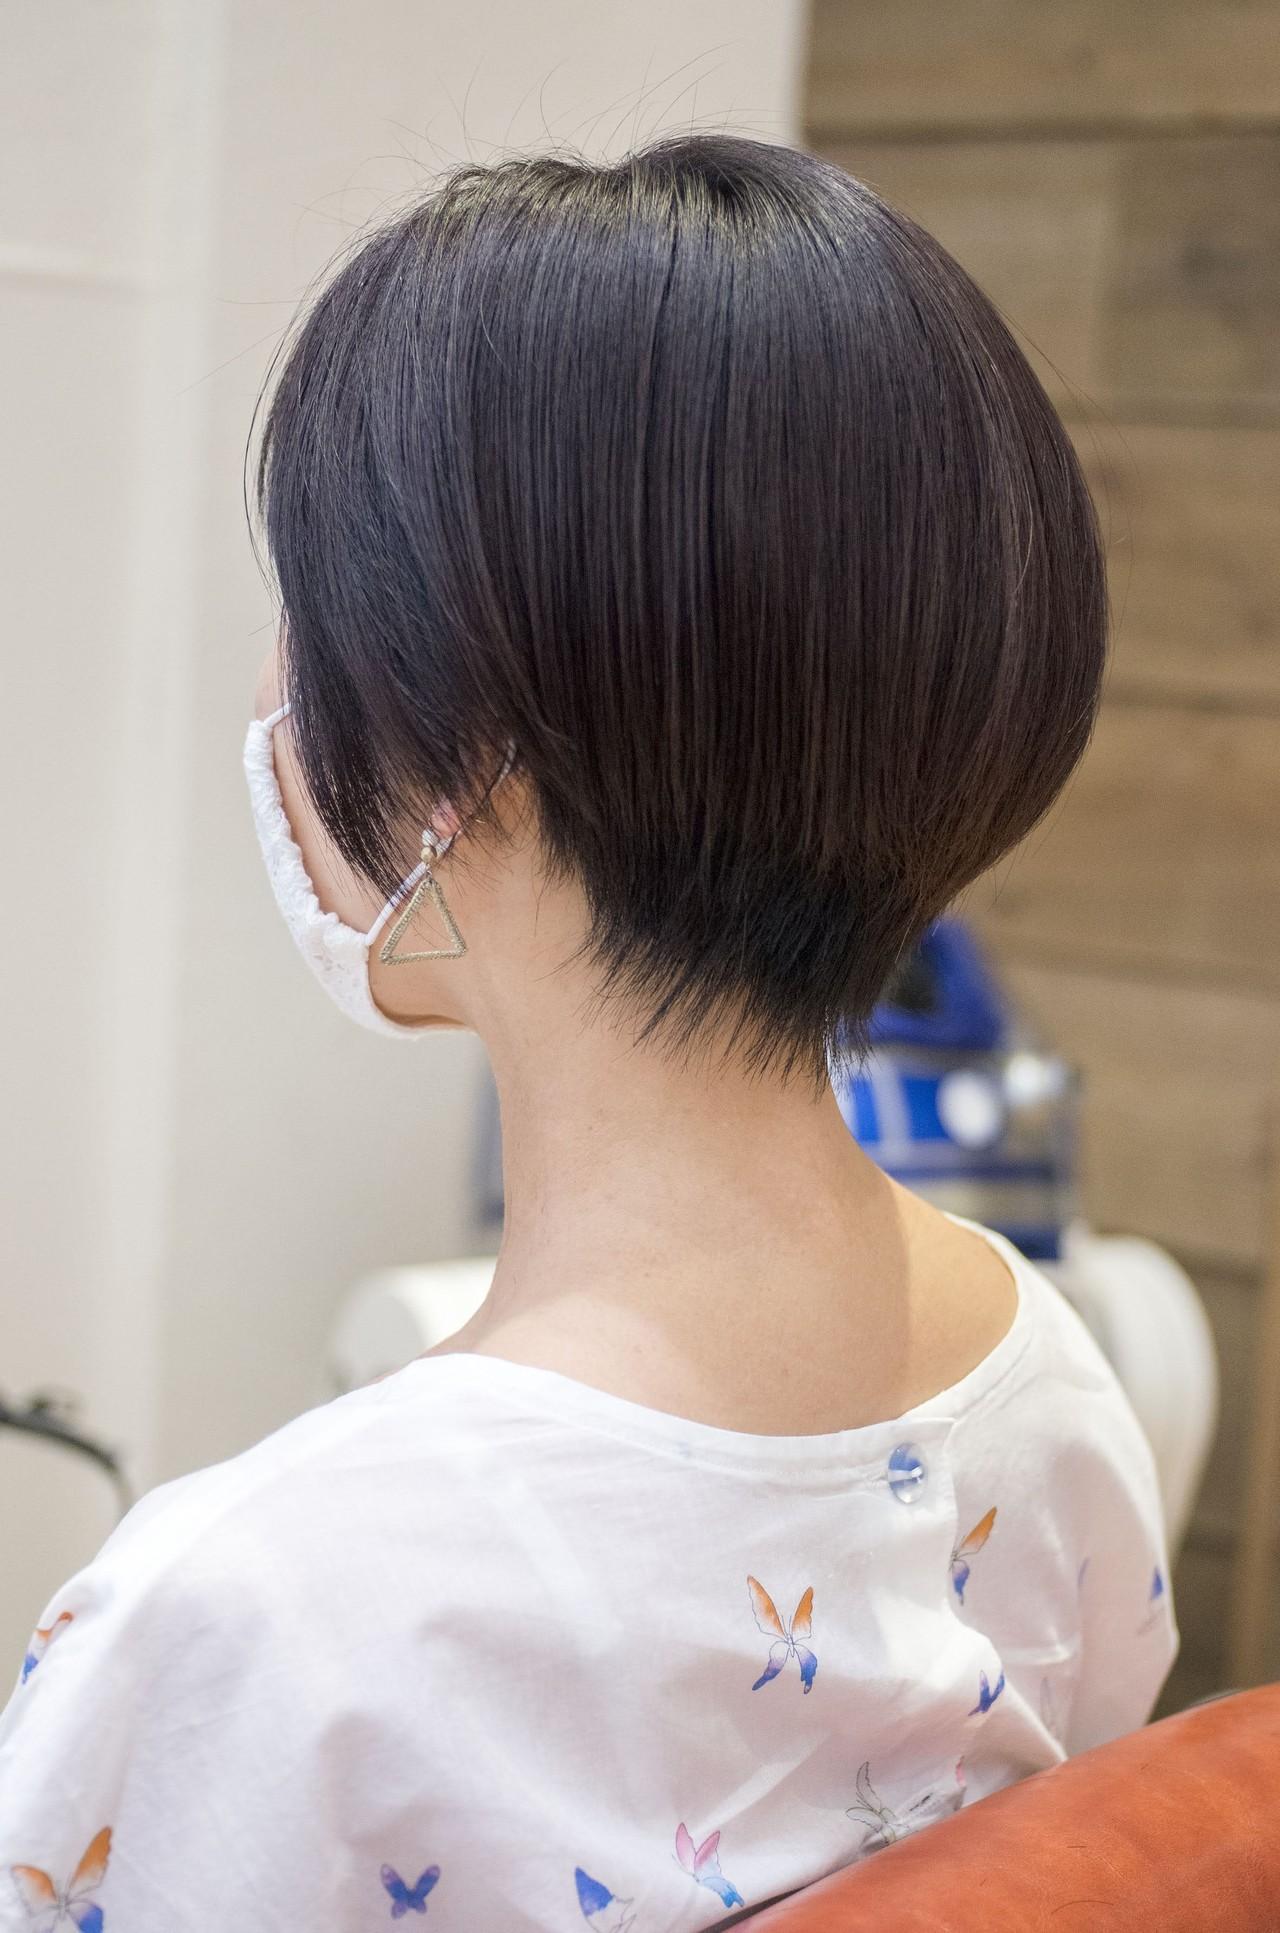 ショートヘア ハンサムショート 前下がりショート マッシュショート ヘアスタイルや髪型の写真・画像 | 荒巻 充 / トライベッカ浦和店